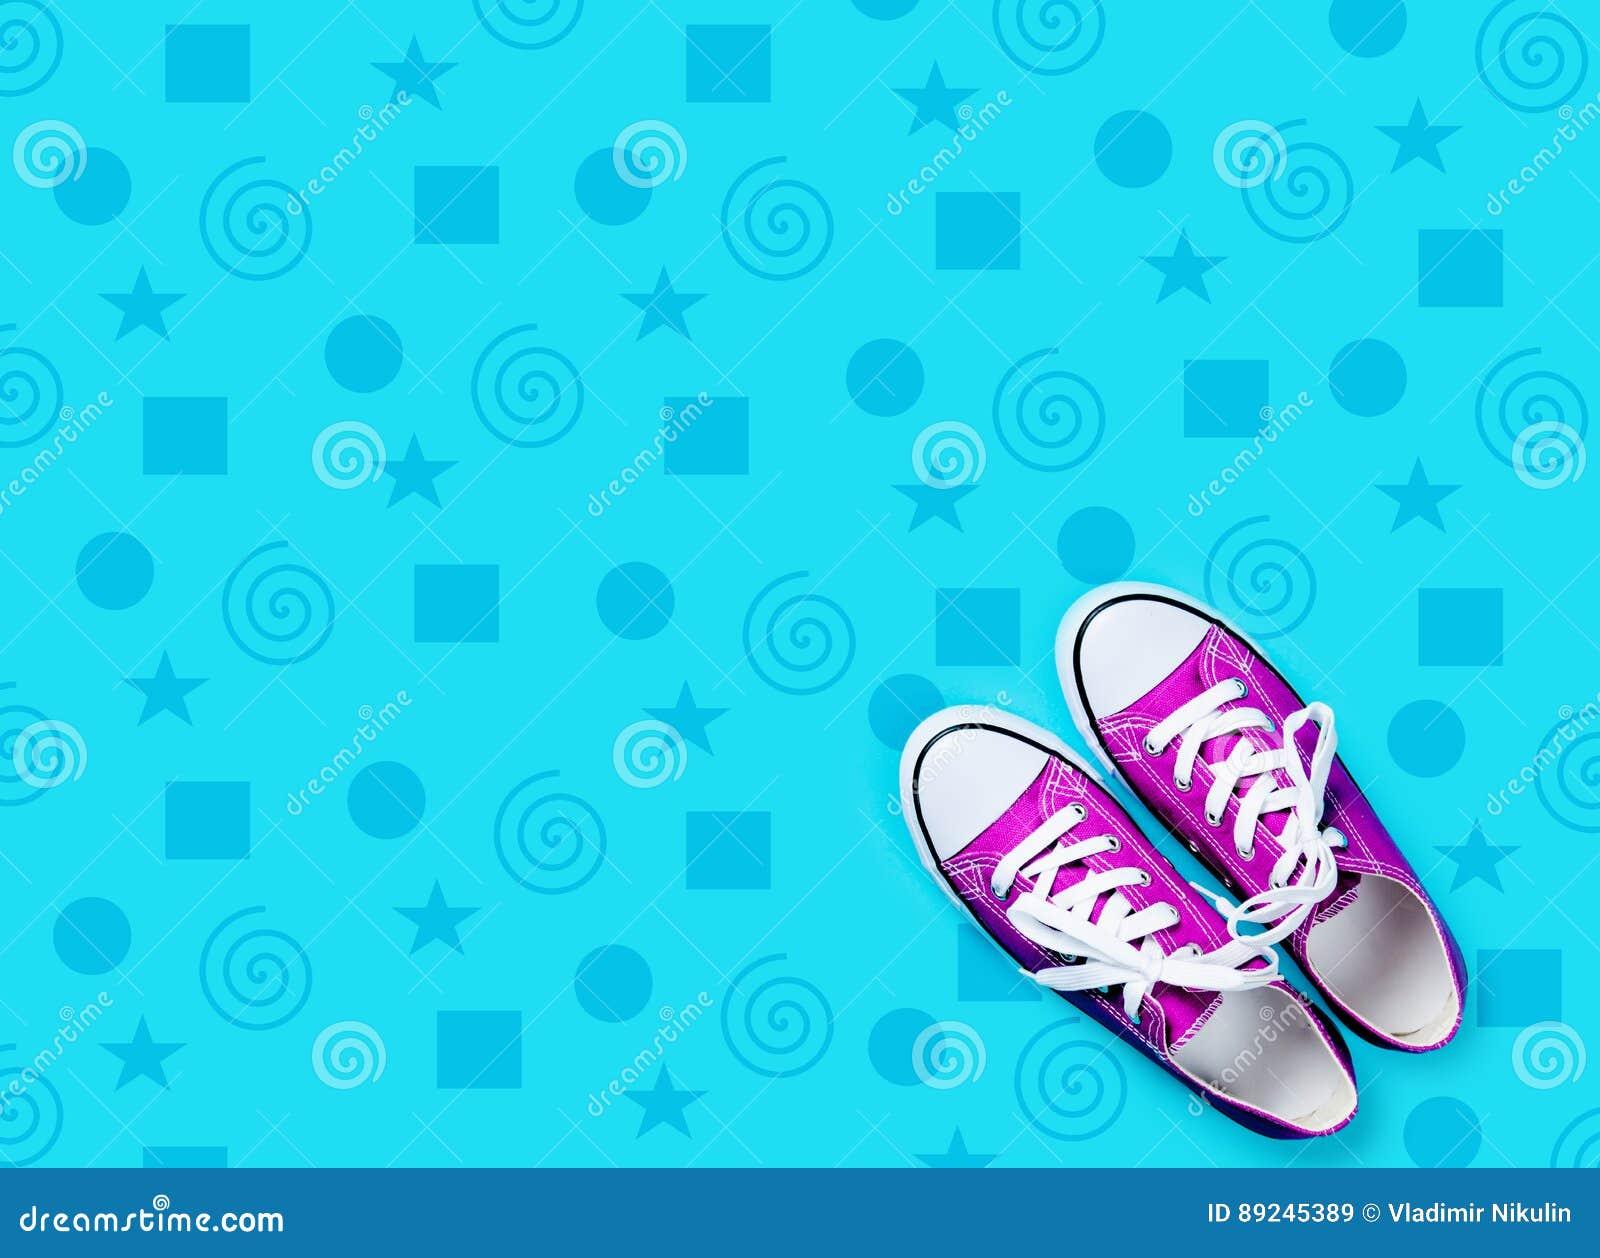 Photo des chaussures en caoutchouc pourpres sur le fond bleu merveilleux